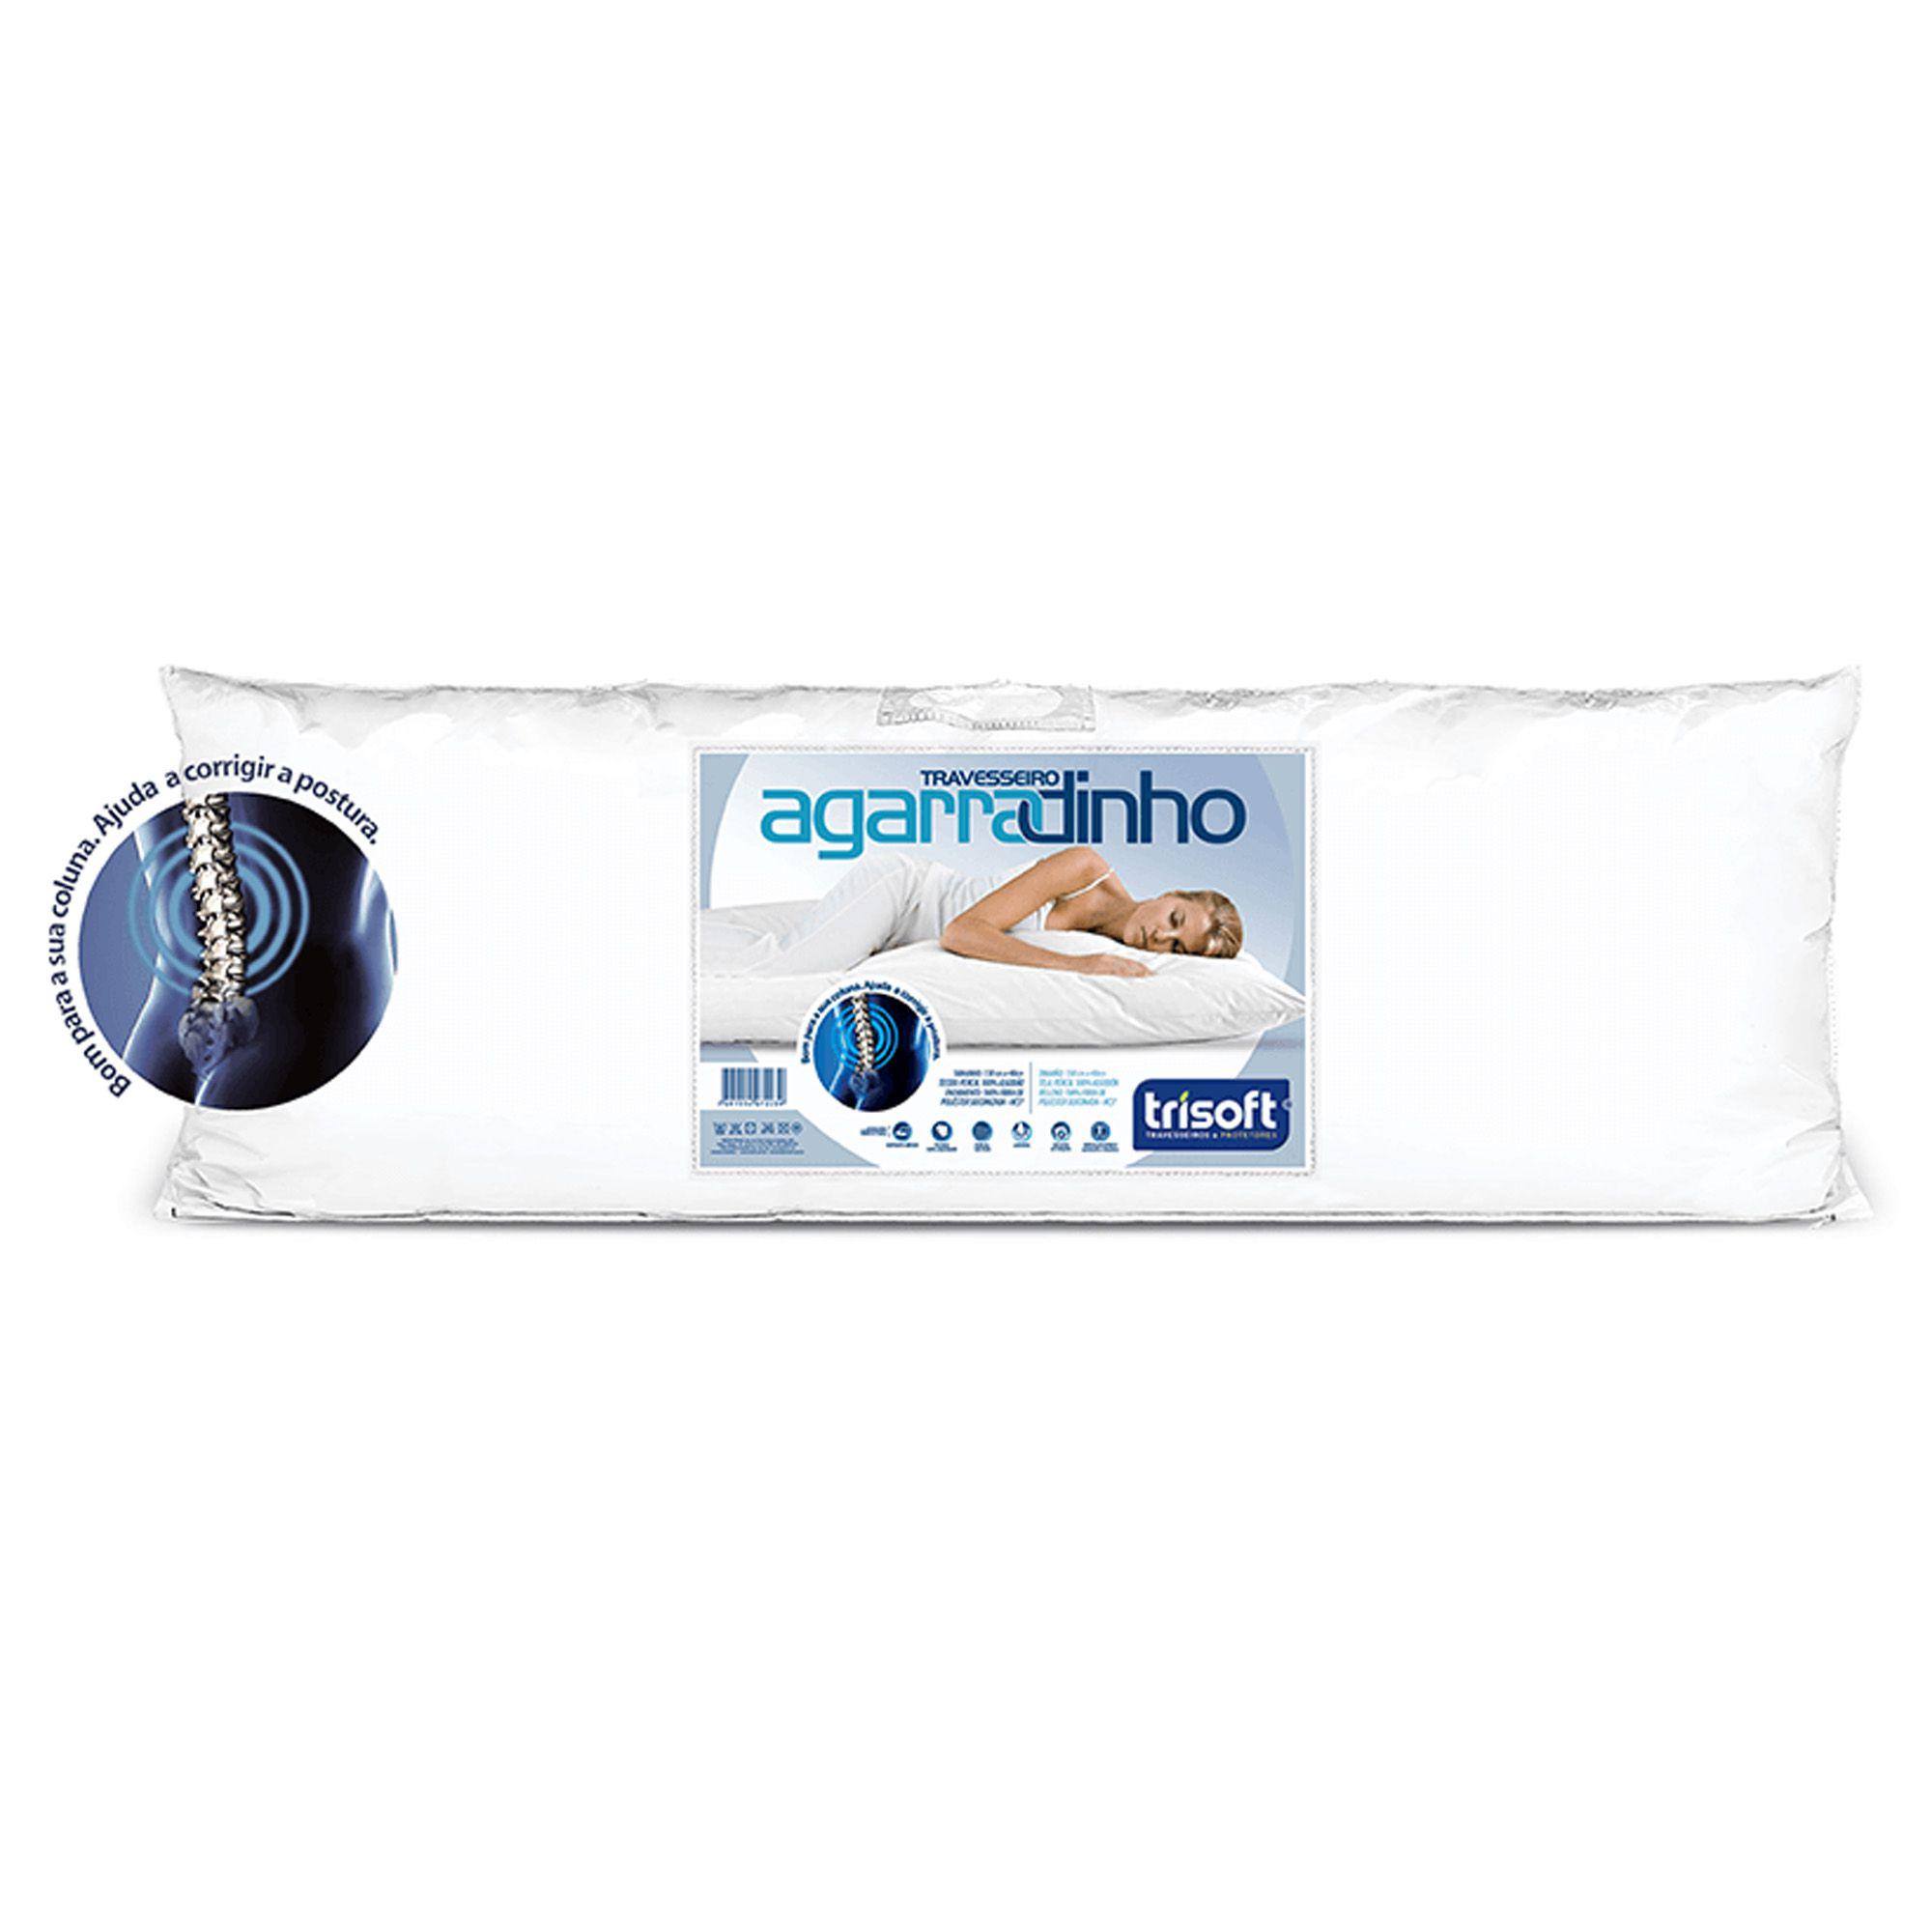 Travesseiro Trisoft Agarradinho, 040 x 130 cm